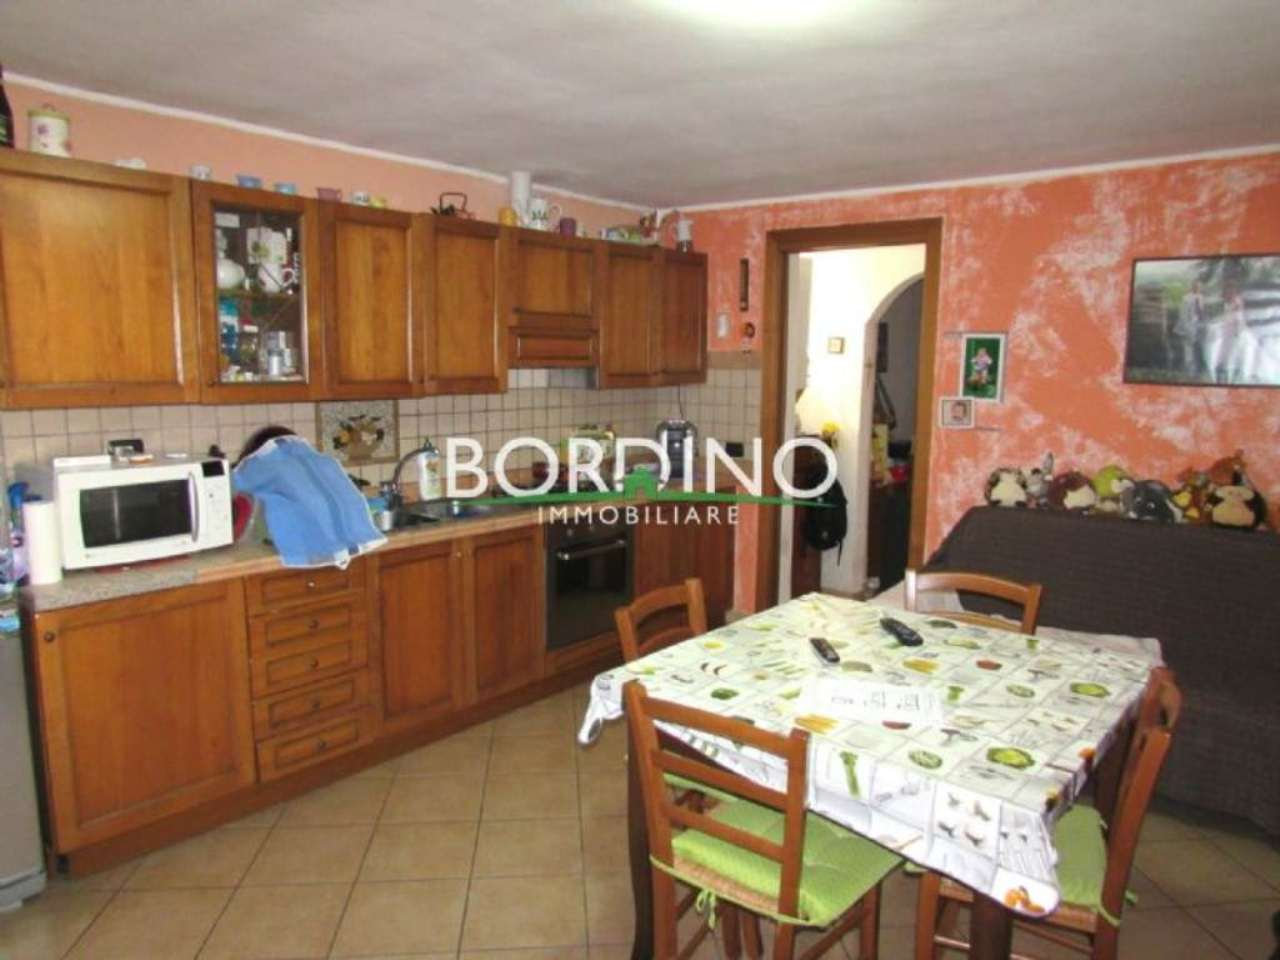 Soluzione Indipendente in vendita a Isola d'Asti, 4 locali, prezzo € 85.000 | Cambio Casa.it